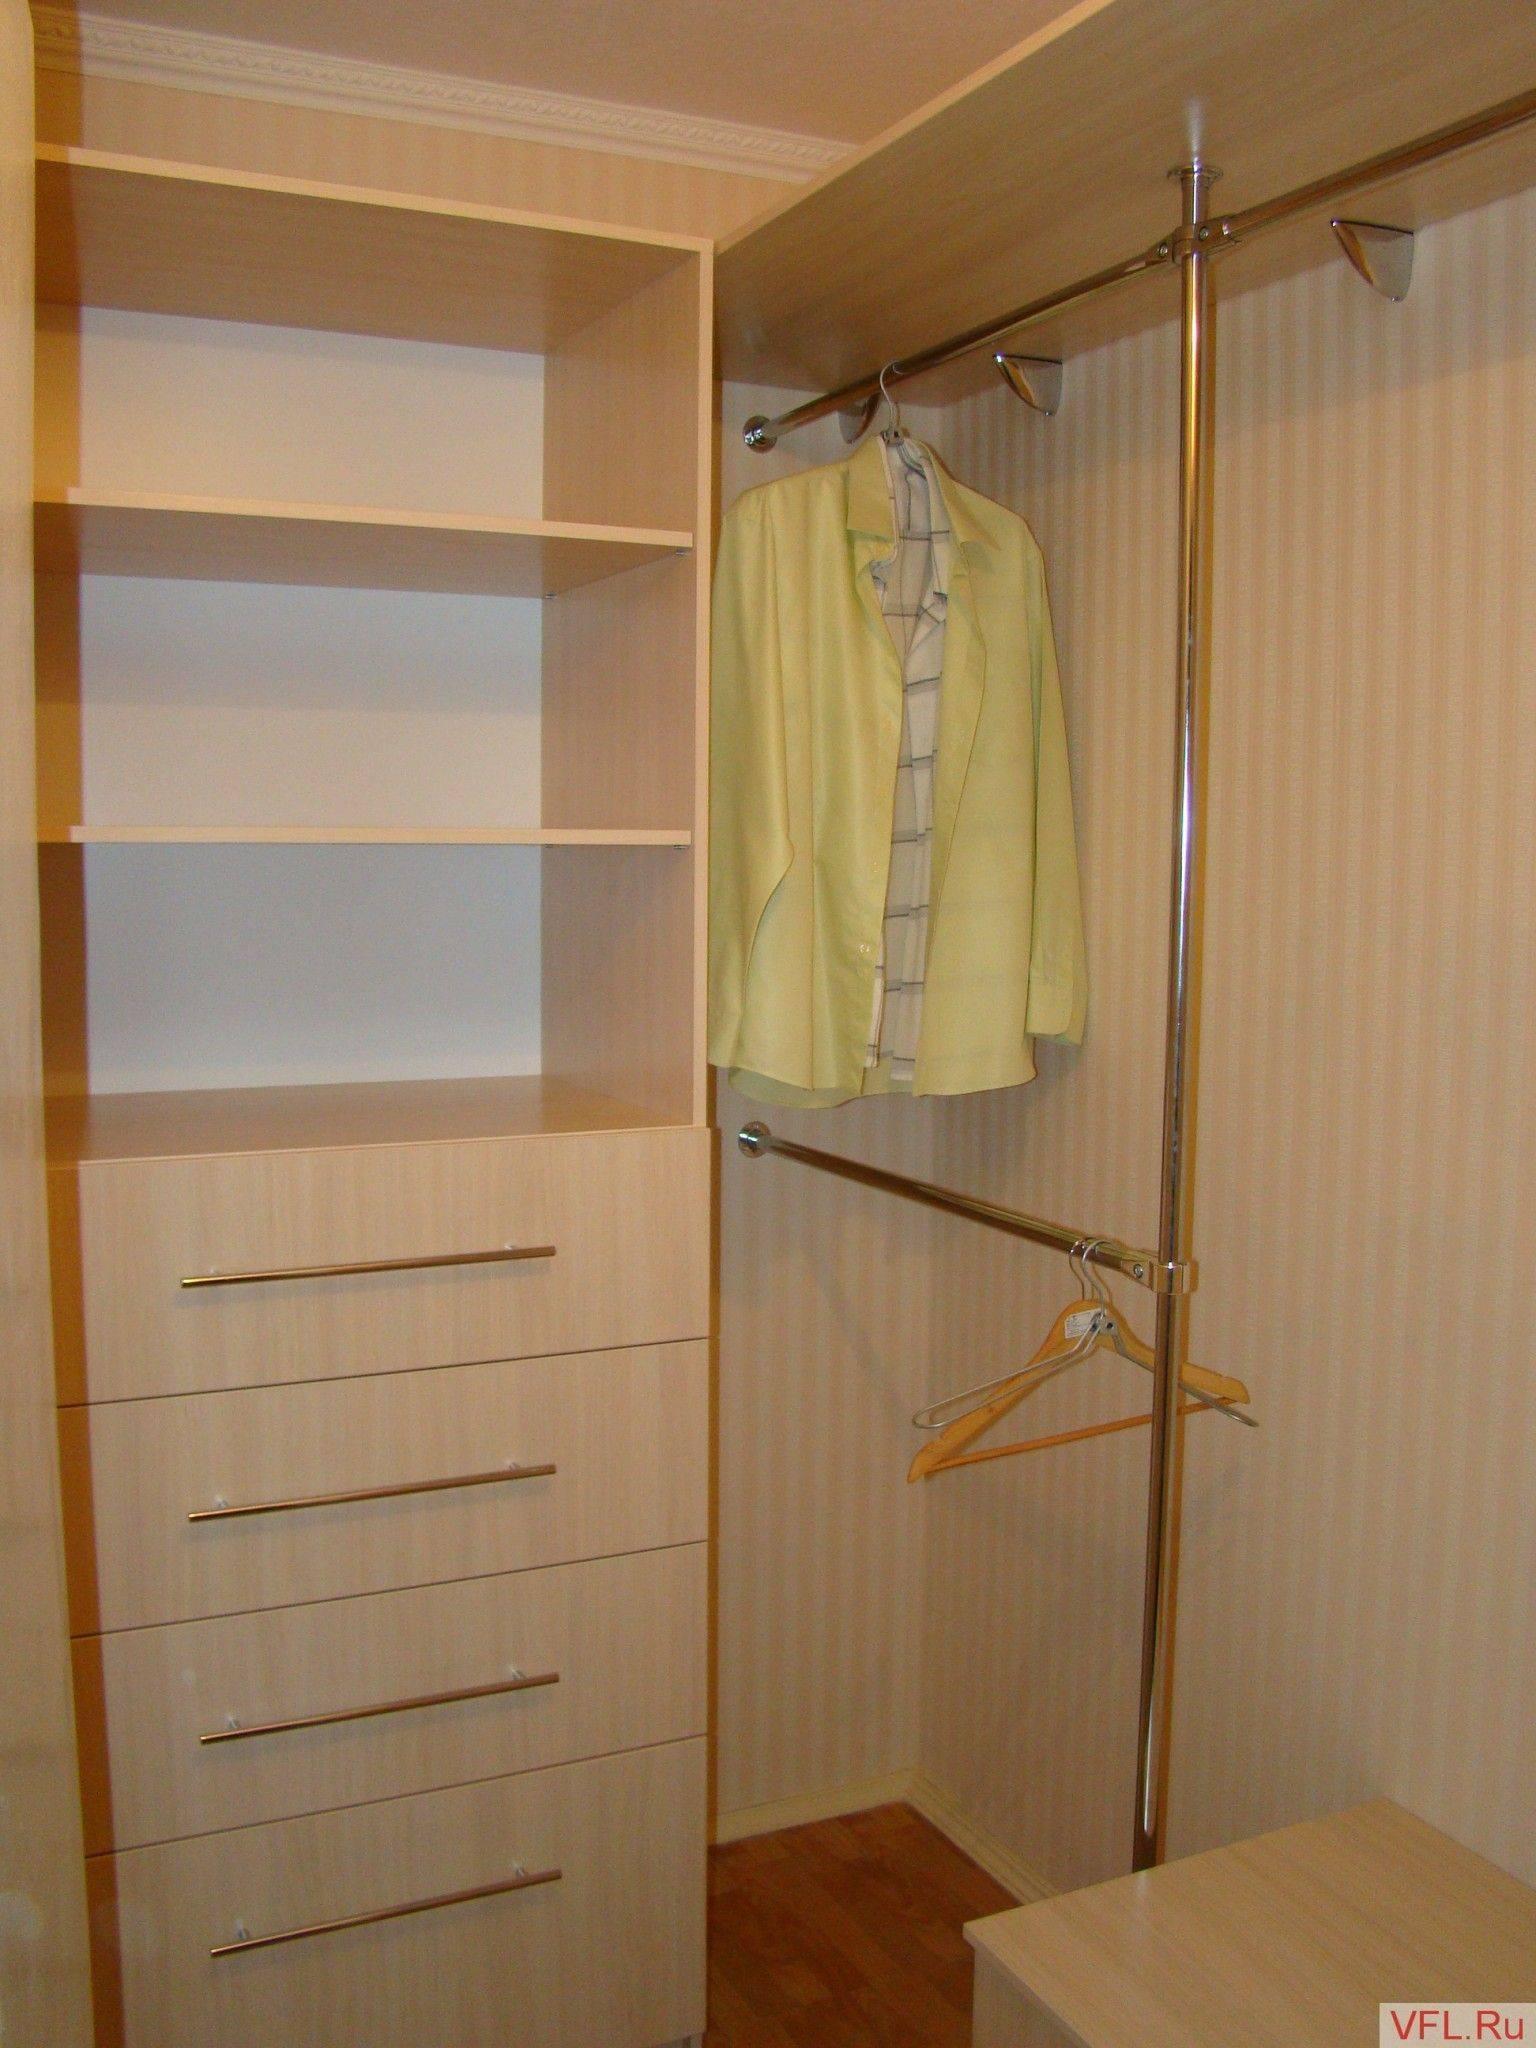 Гардеробная из кладовки (74 фото): варианты как сделать маленькой комнаты кладовой в панельном доме гардероб